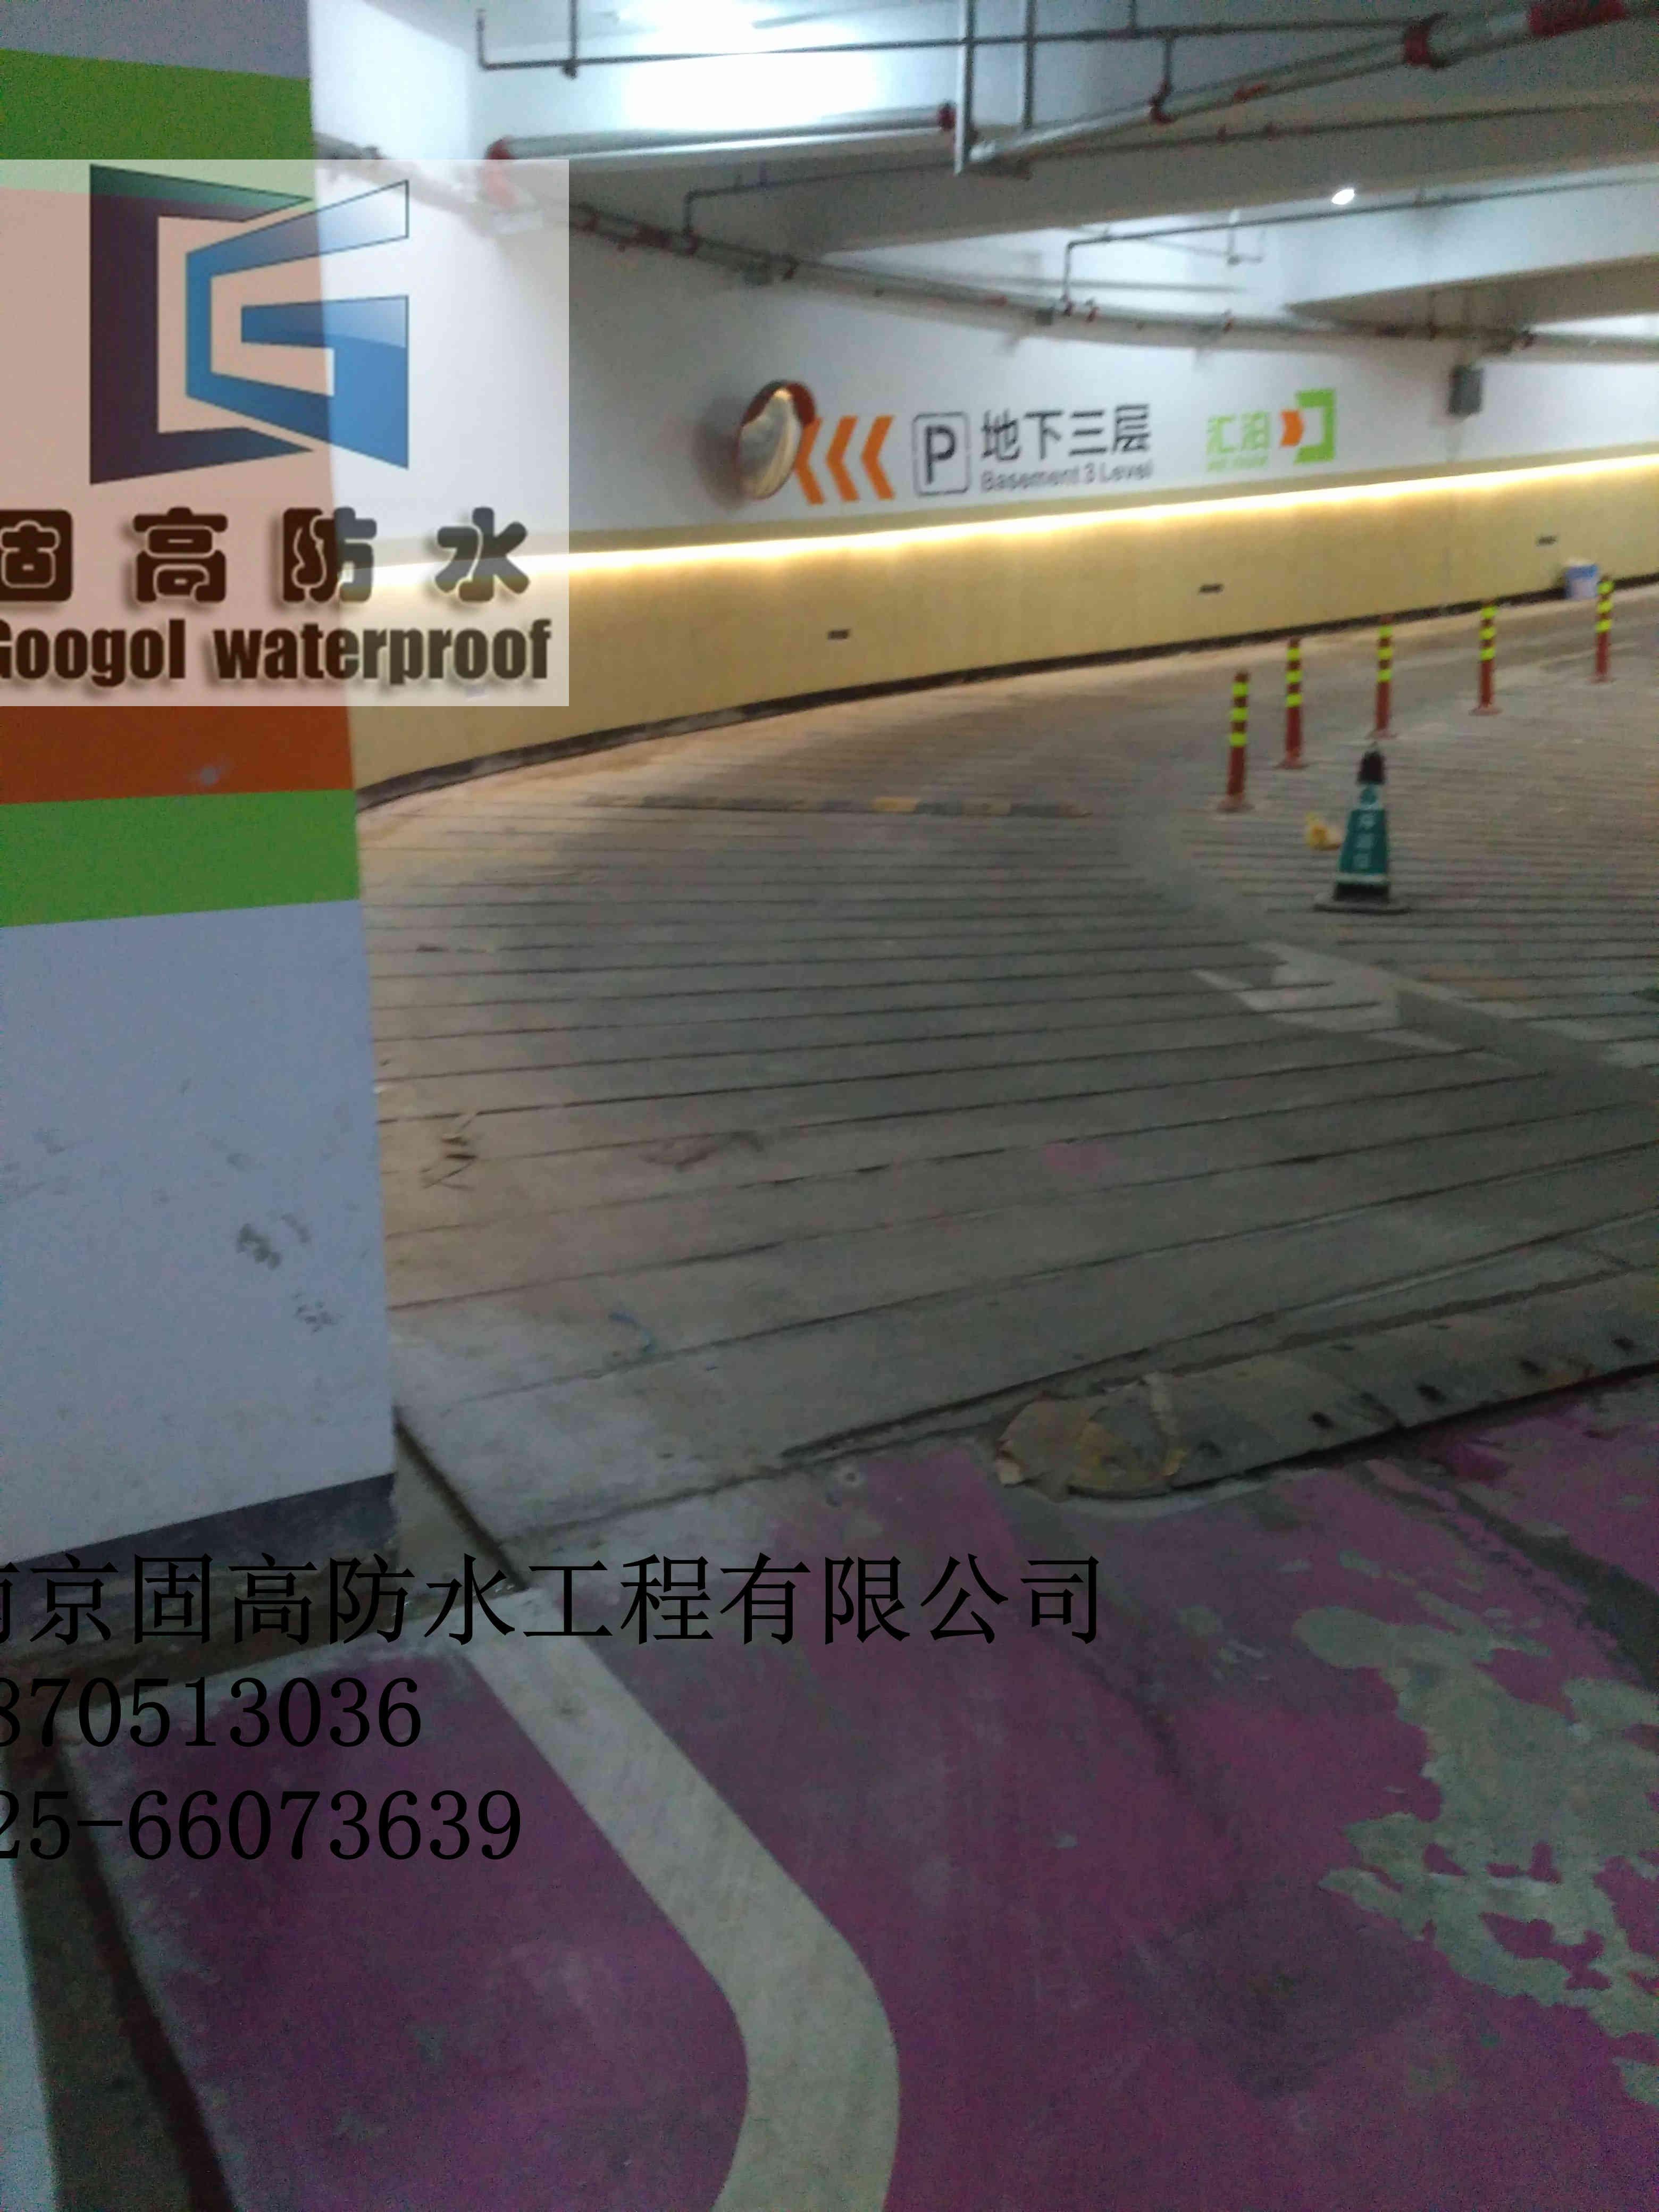 紫峰地下停车场-a37e38531a1076a42c1e246a9a16be00_20177291134549104